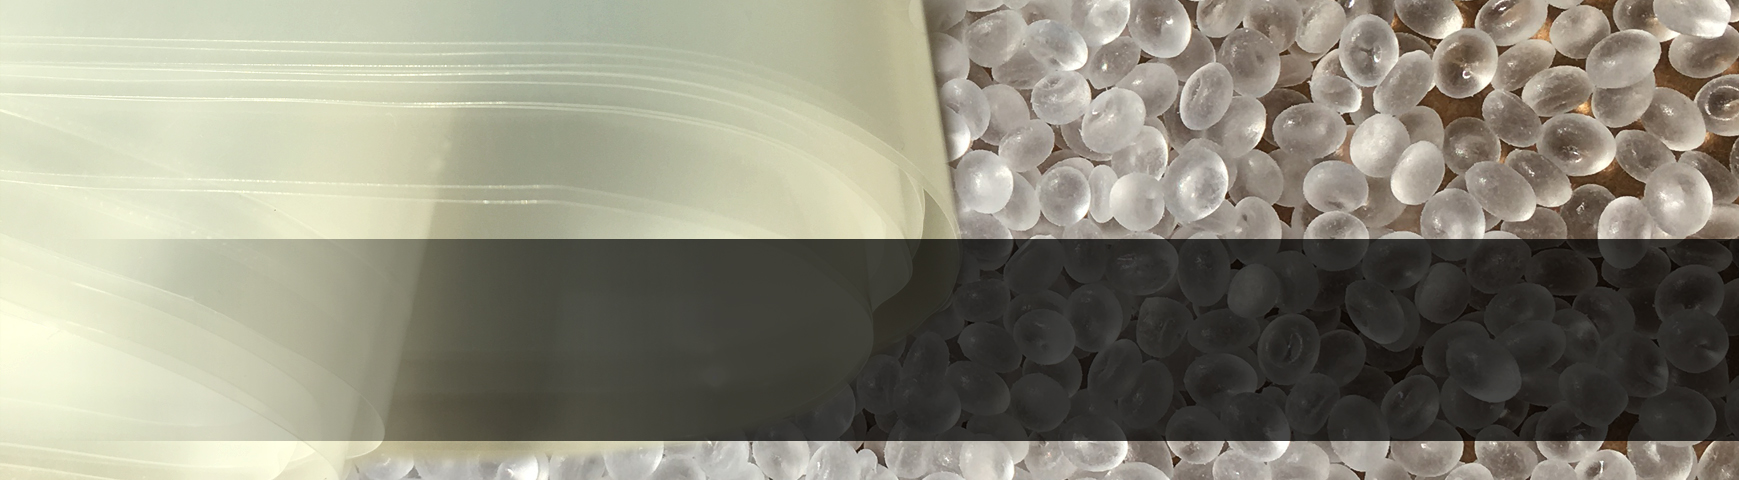 """Glamour of Plastic    w Kao-Chia     Kao-Chia tworzy produkty z tworzyw sztucznych wyższej jakości - arkusz akrylowy, arkusz GPPS, folia / torba PE.  Doskonała jakość Made in Taiwan i rozsądna cena sprawiają, że Kao-Chia """"zamienia plastik w złoto""""."""